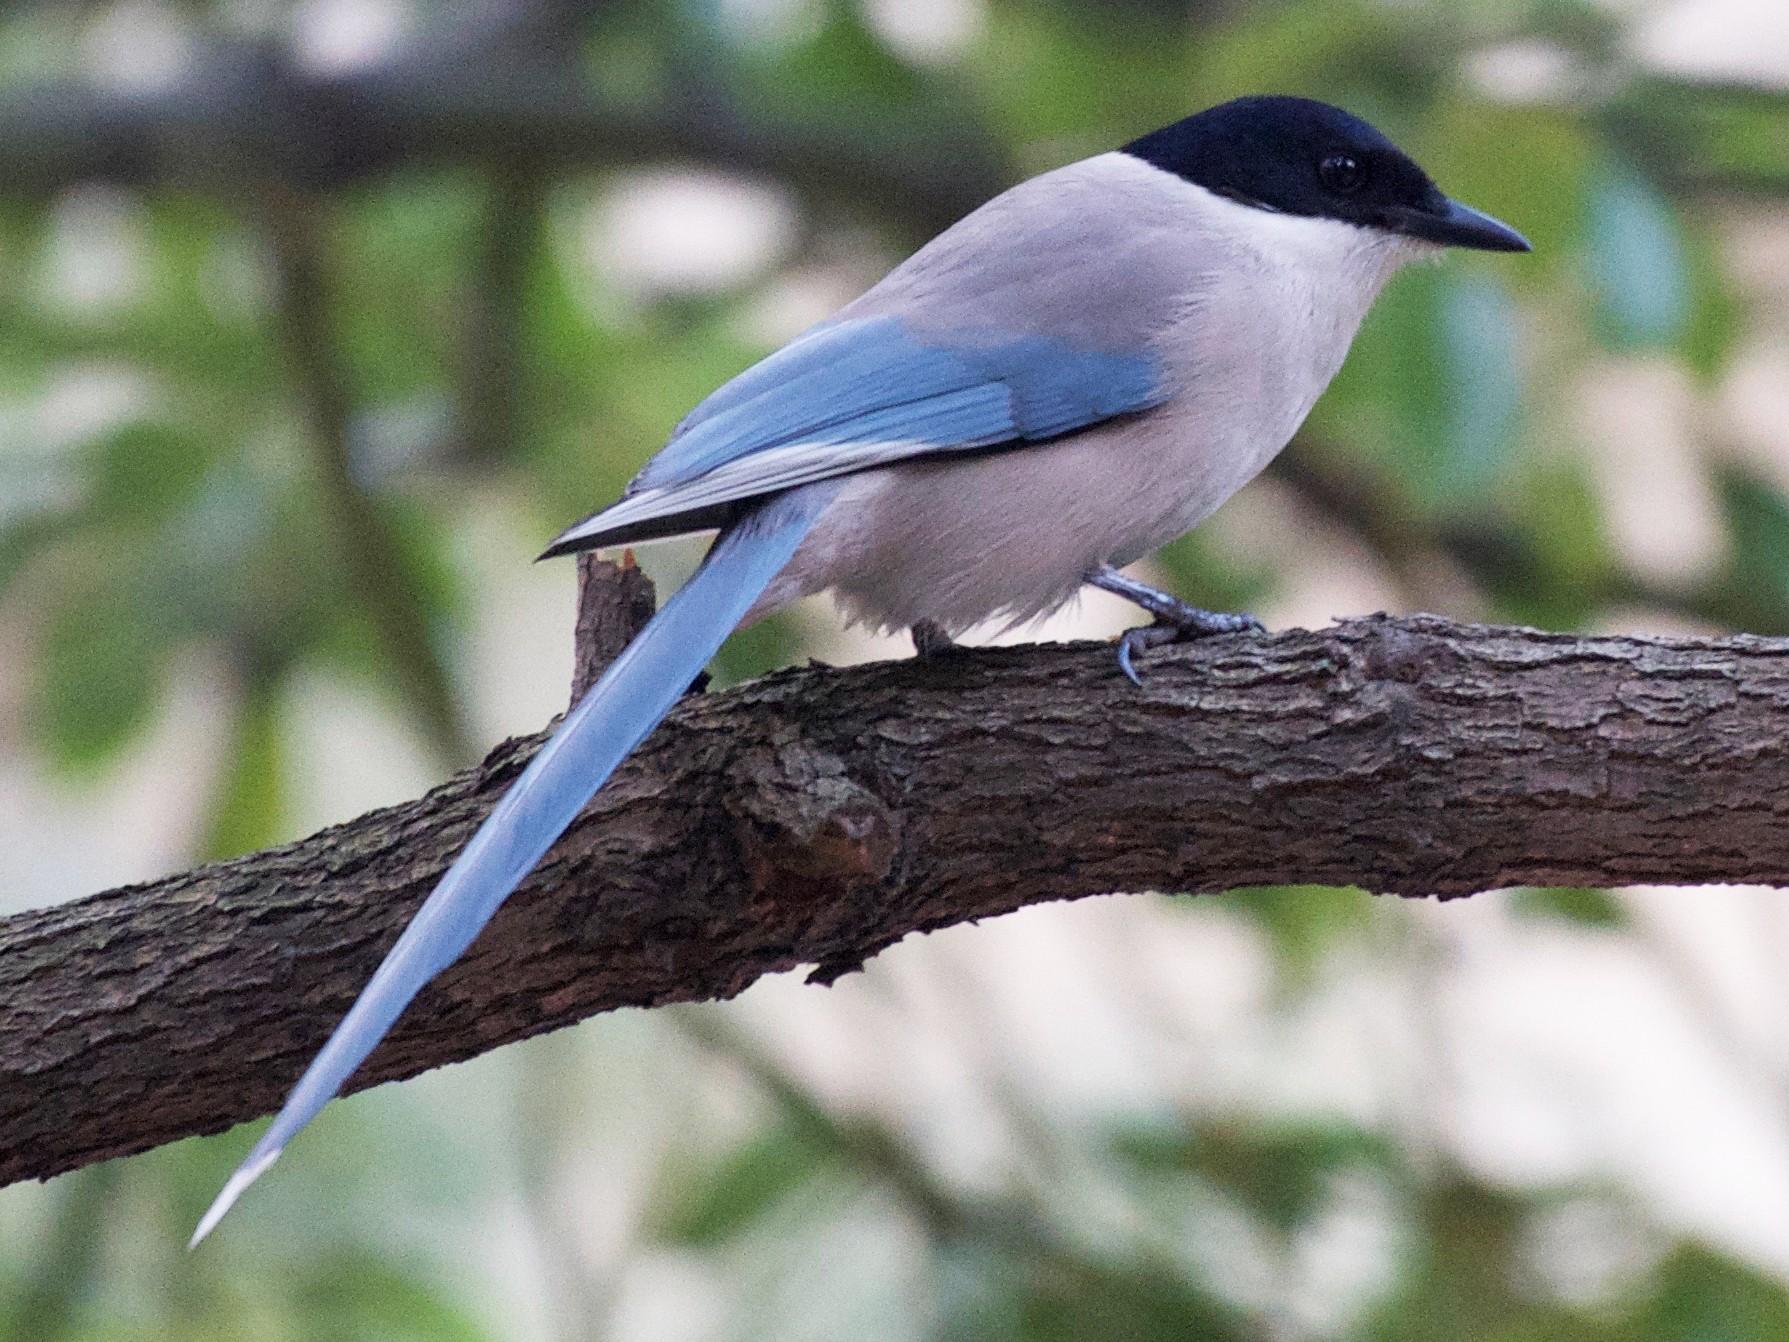 Azure-winged Magpie - Yasuhiko Komatsu